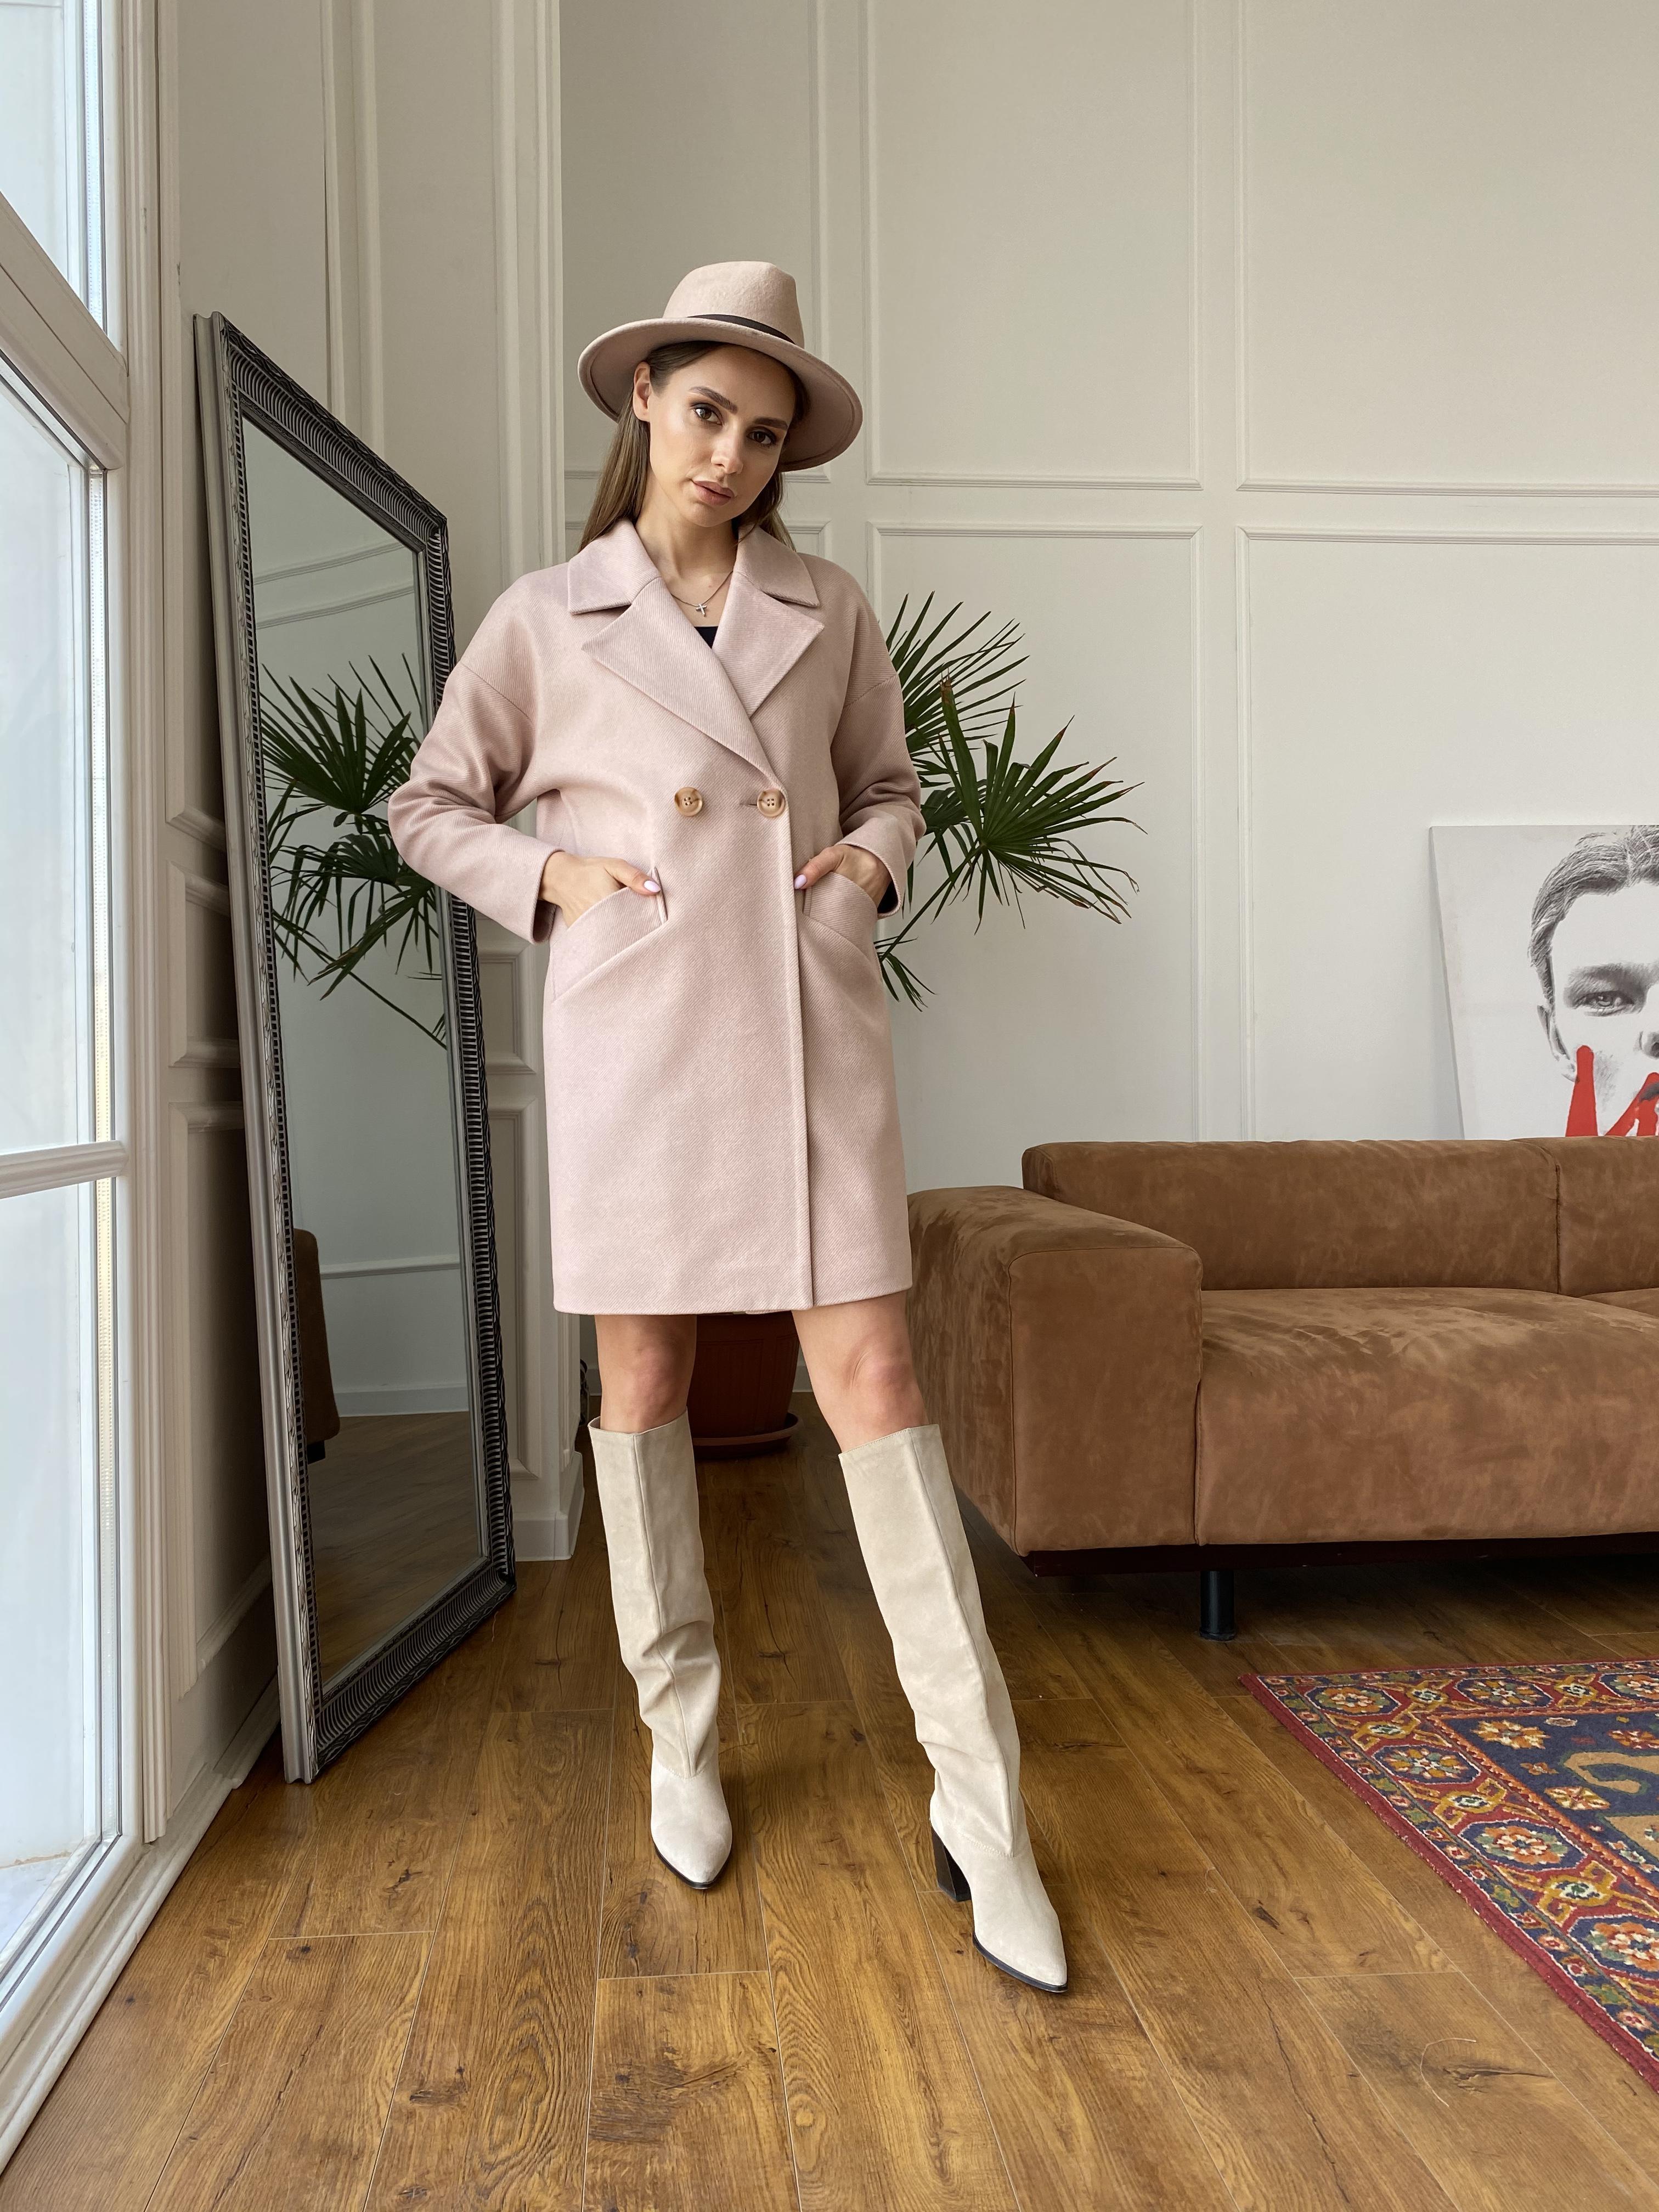 Сенсей диагональ  пальто 10661 АРТ. 47064 Цвет: Пудра - фото 3, интернет магазин tm-modus.ru